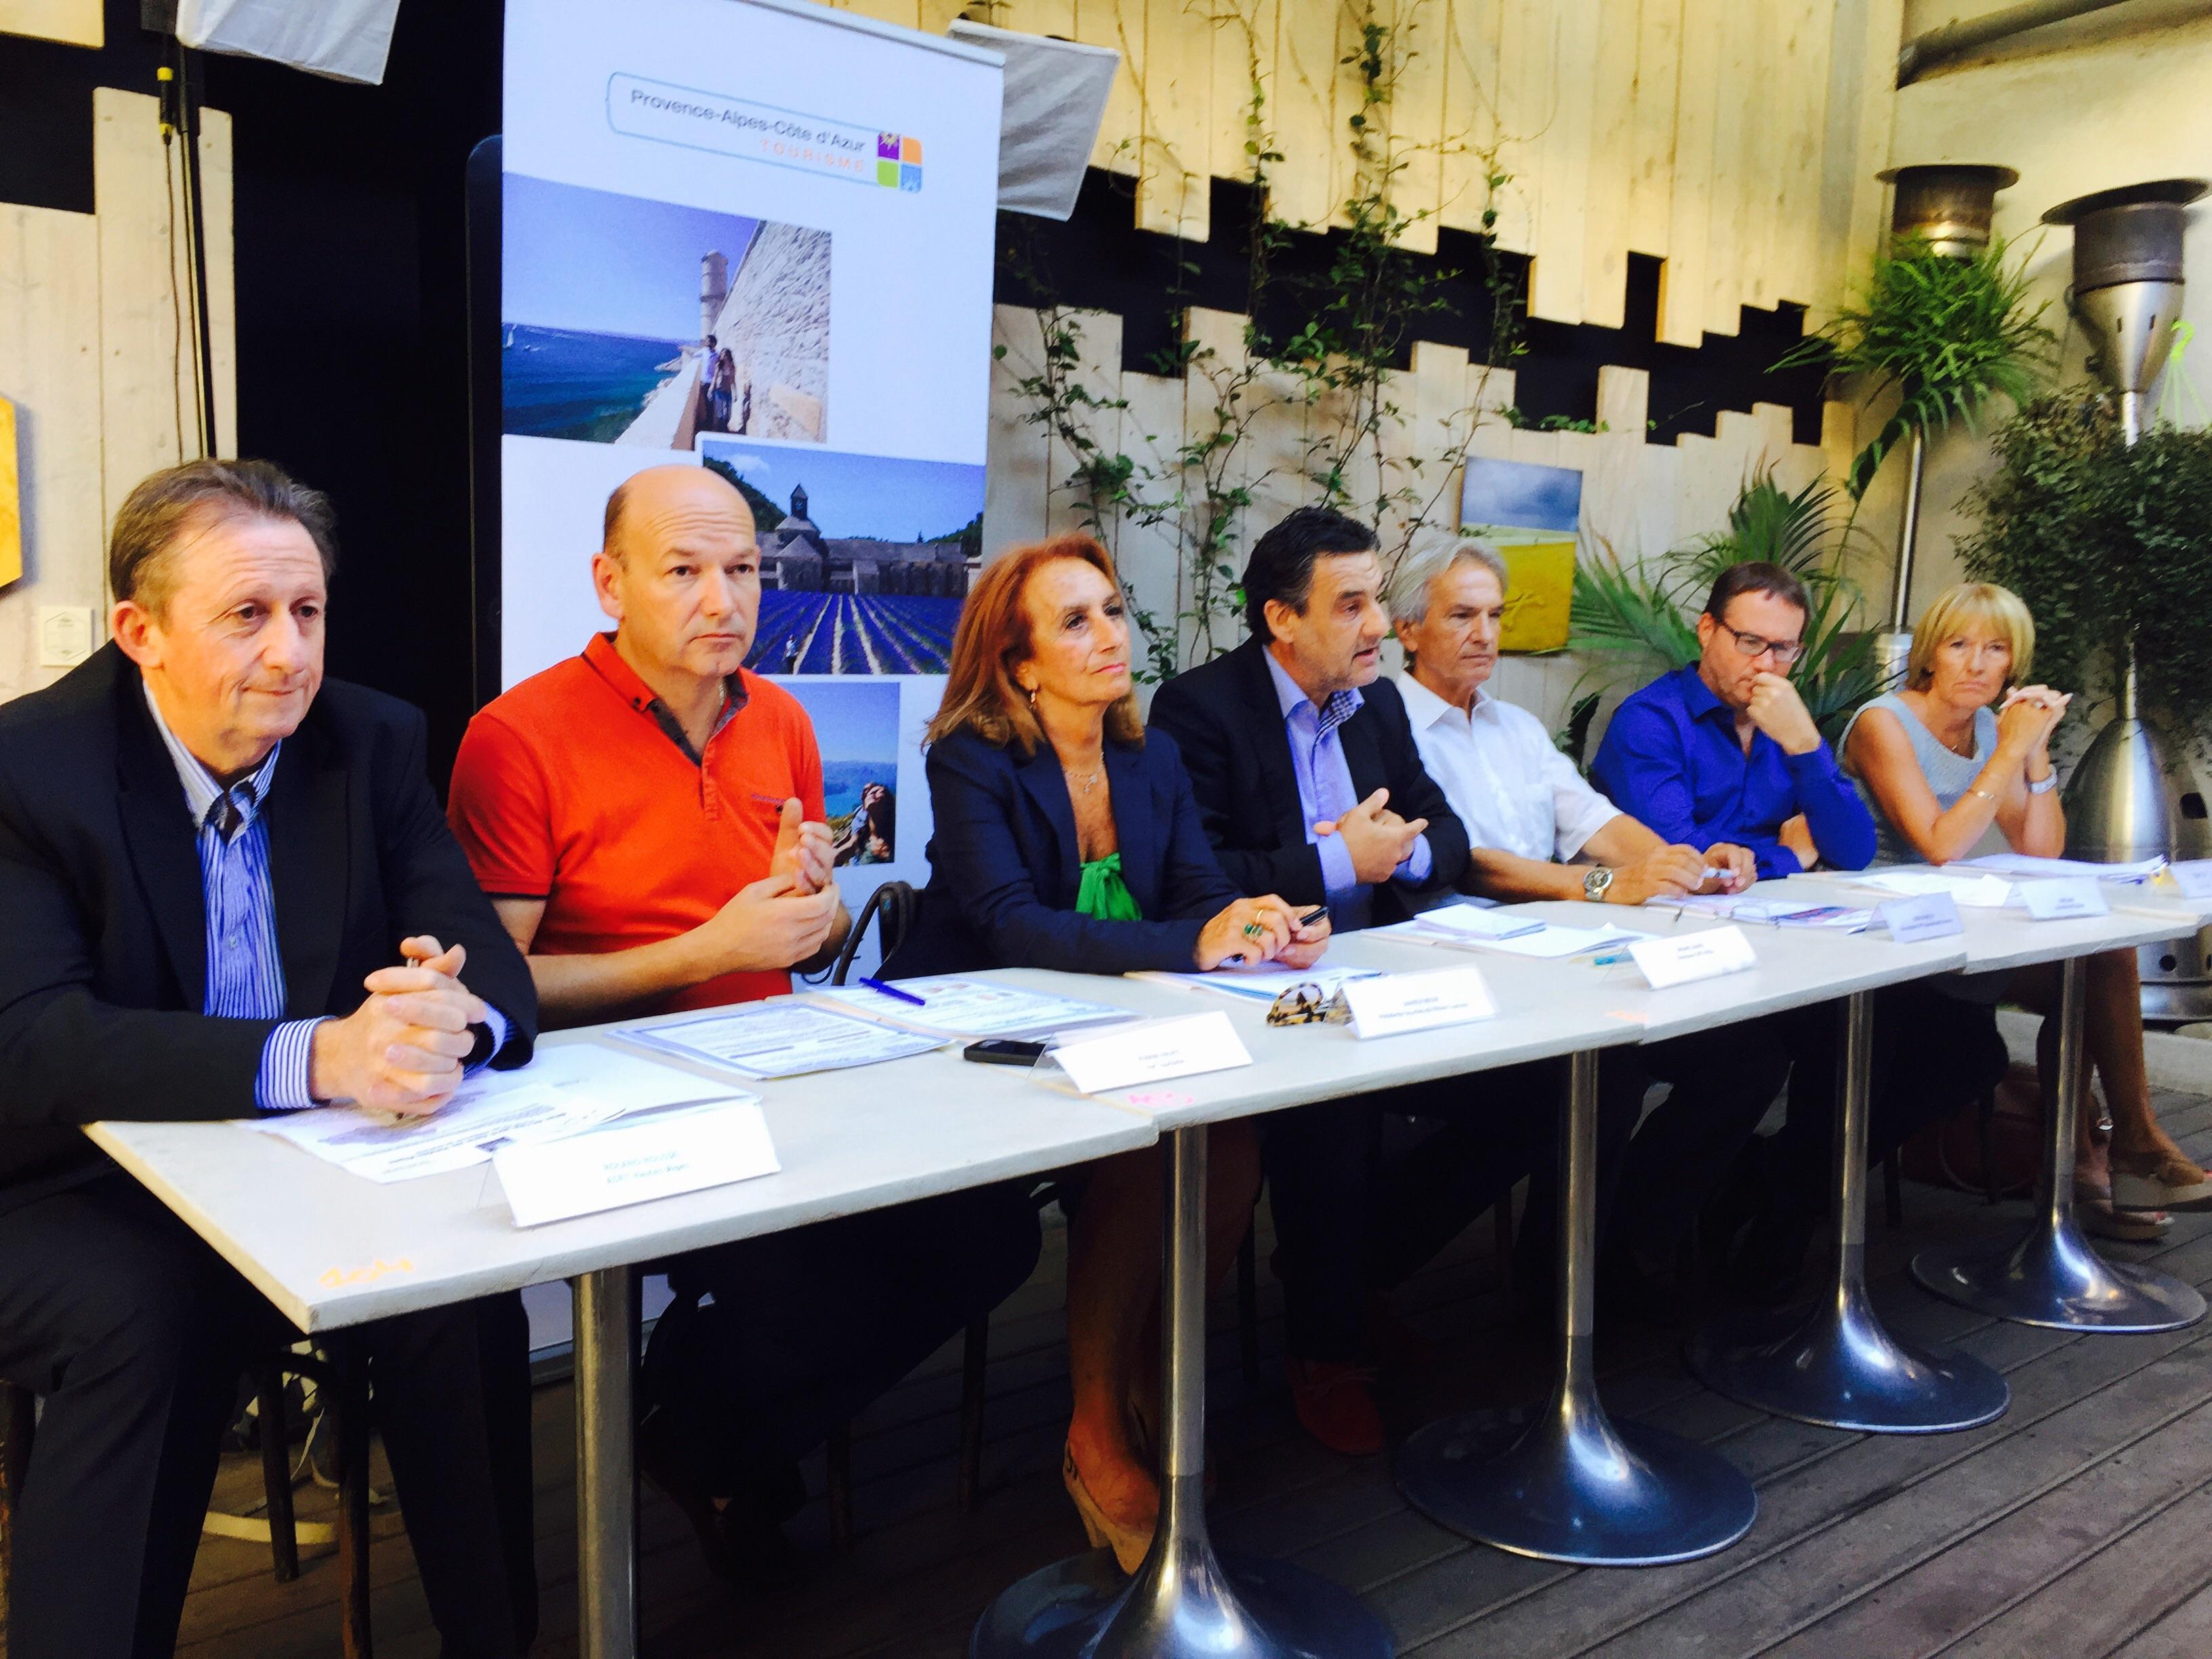 Les responsables touristiques de la région PACA faisaient le bilan de l'été à Marseille jeudi 27 août 2015 - Photo J.D.L.